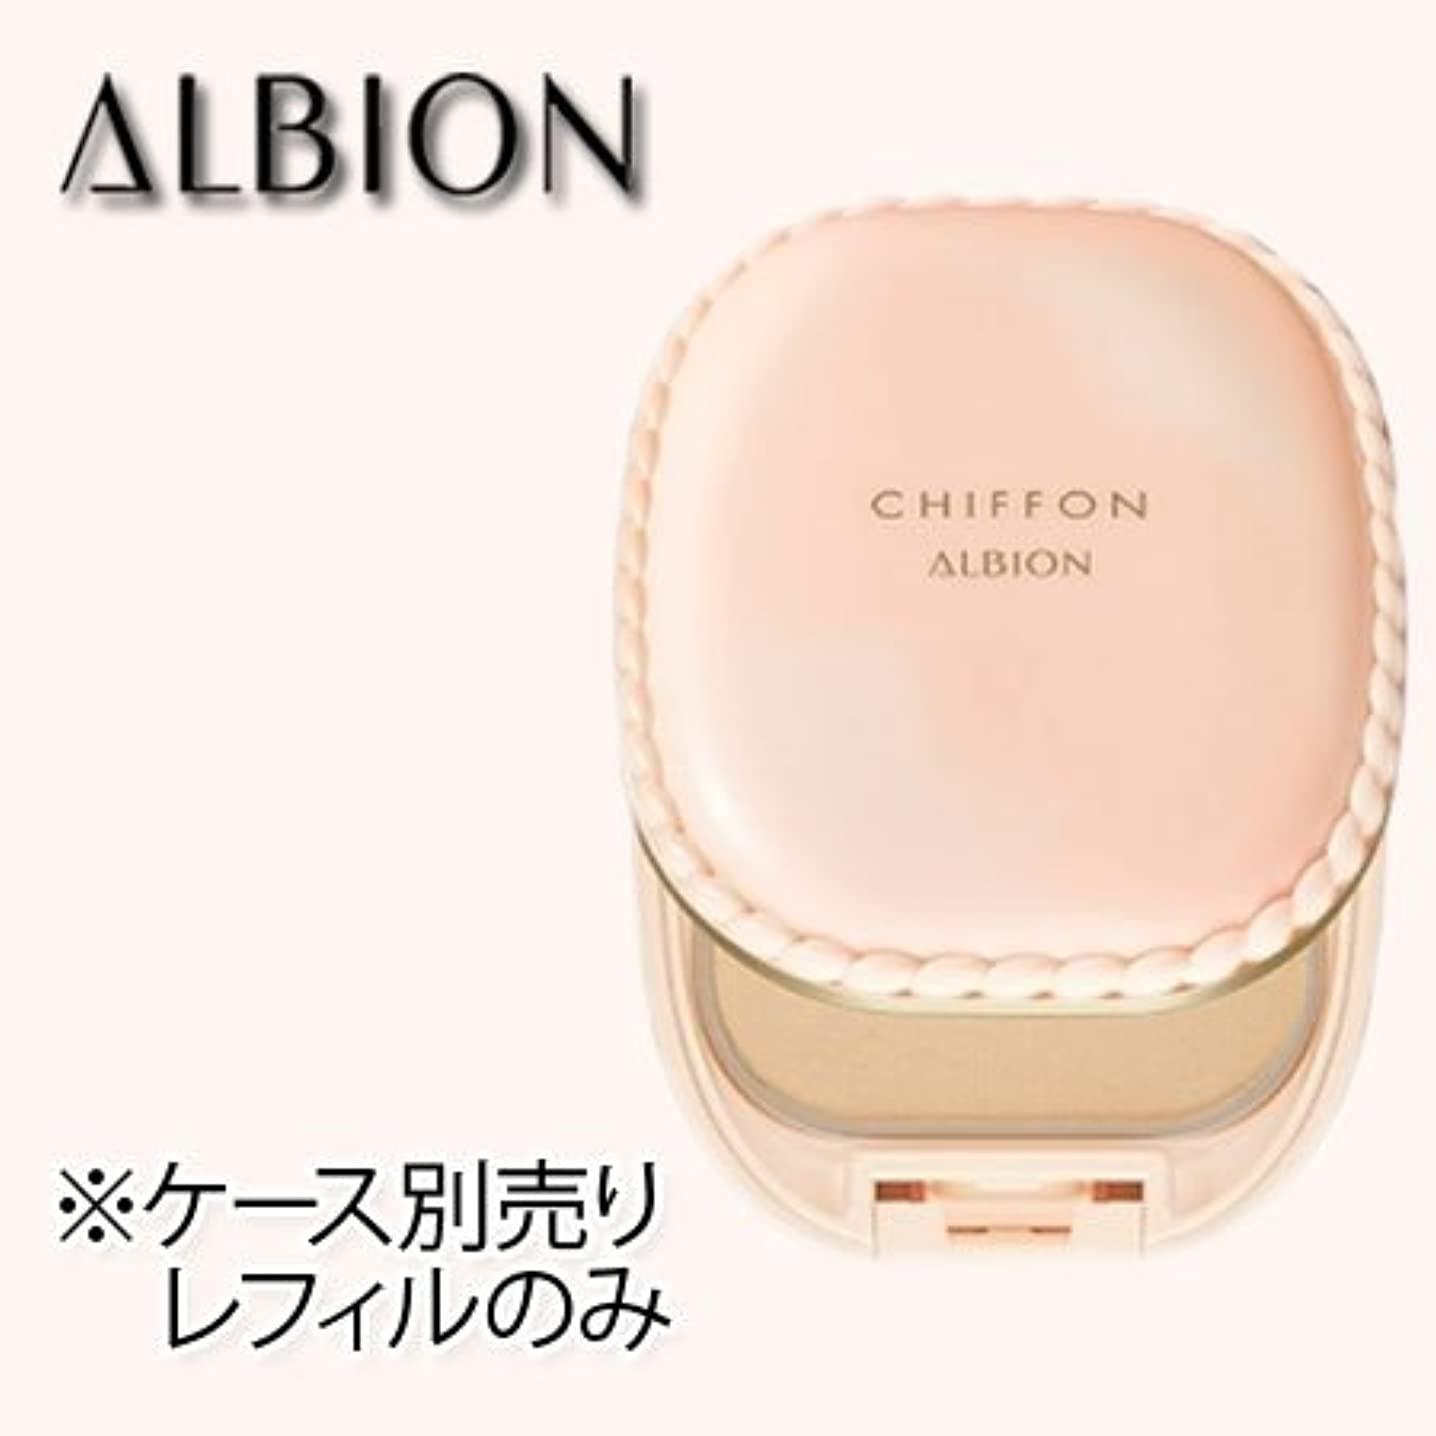 嫉妬シネウィコンベンションアルビオン スウィート モイスチュア シフォン (レフィル) 10g 6色 SPF22 PA++-ALBION- 070